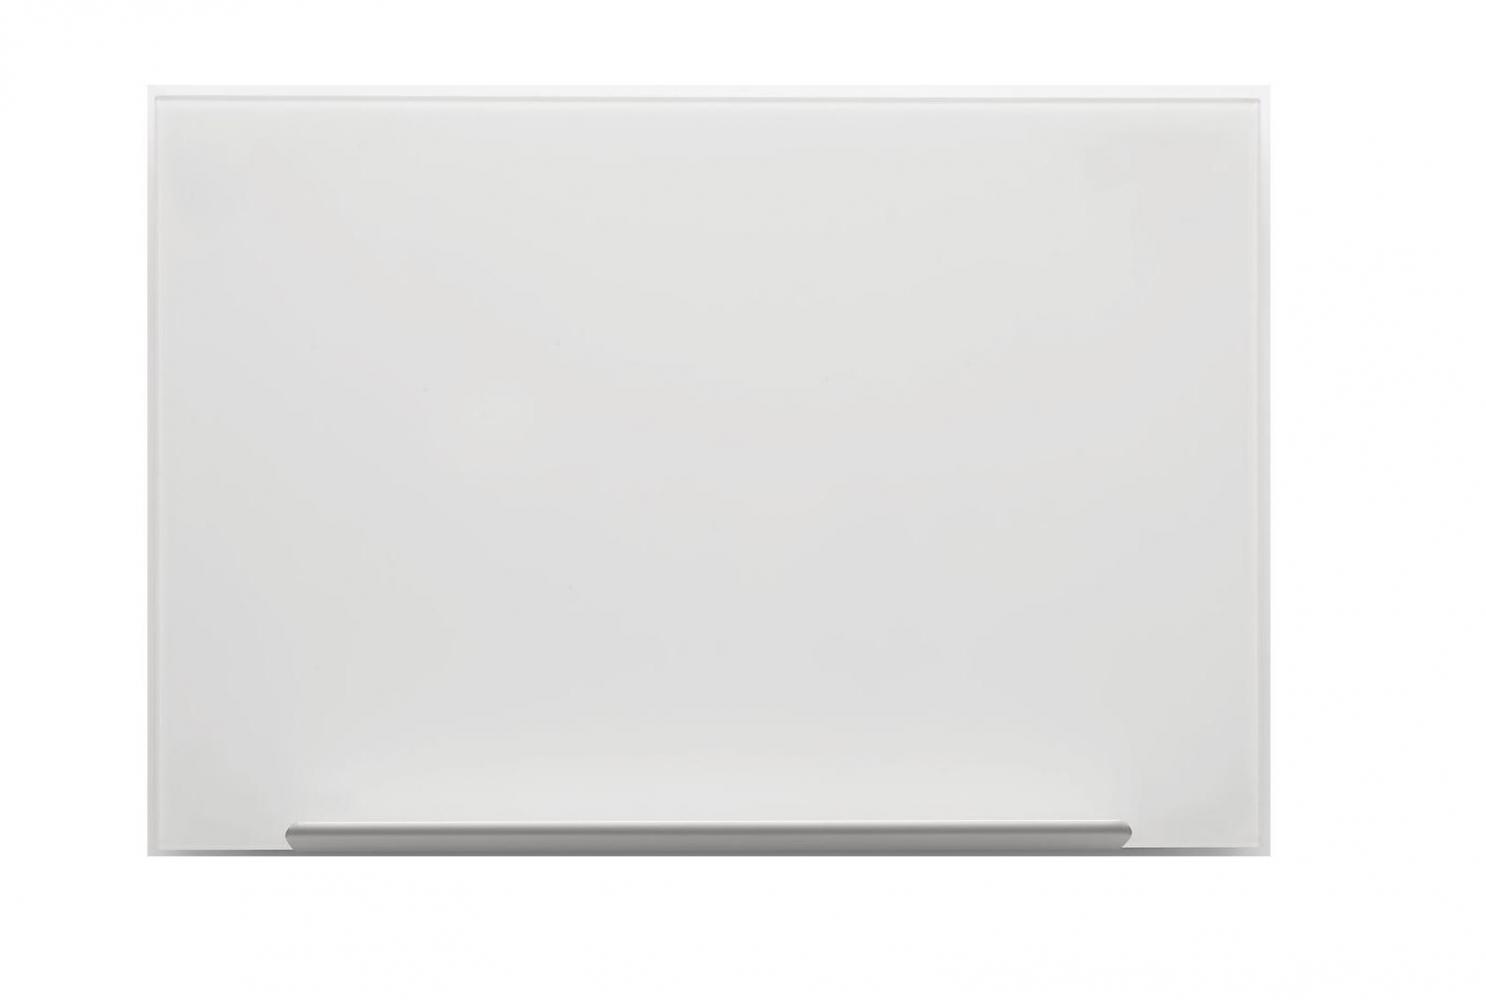 ,Glasbord Nobo Impression Pro 993x559mm briljant wit